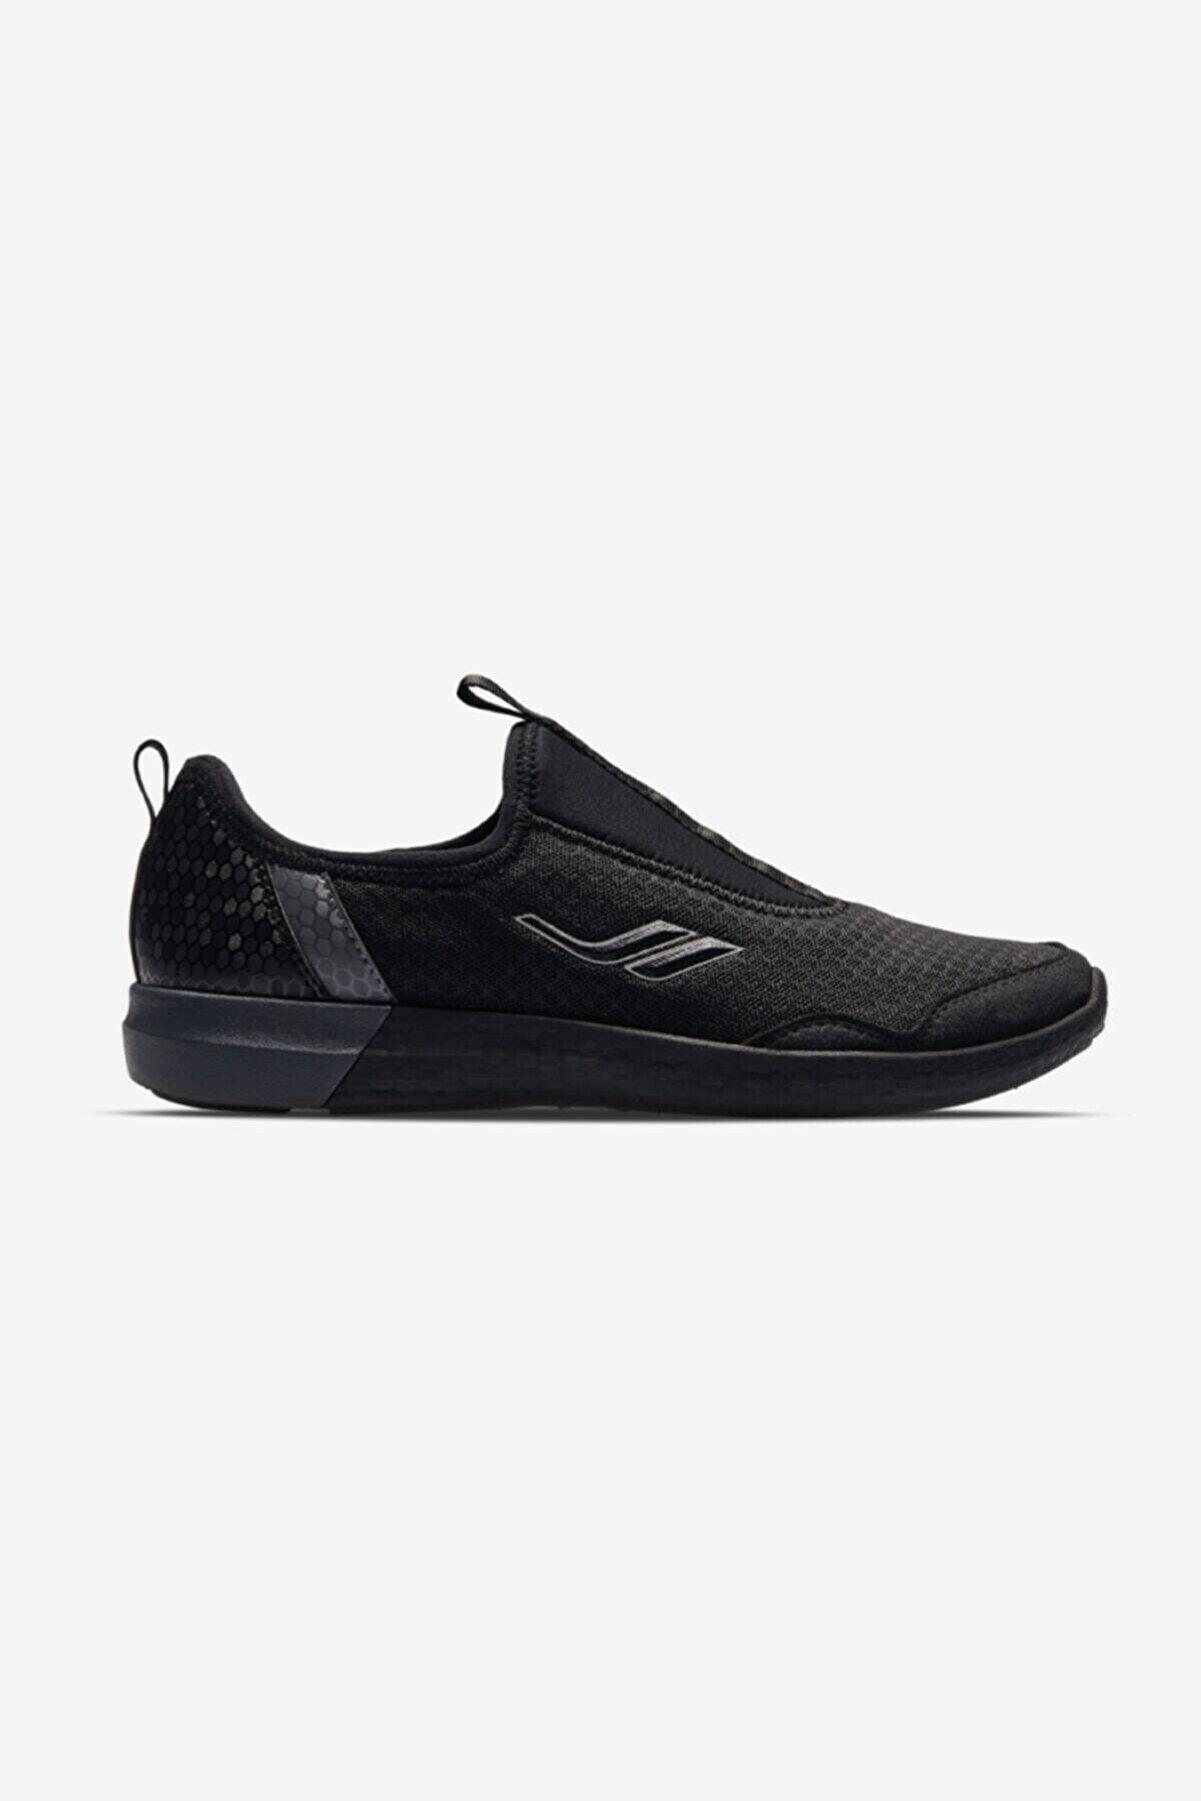 Lescon Kadın Siyah Outdoor Ayakkabı L-6904